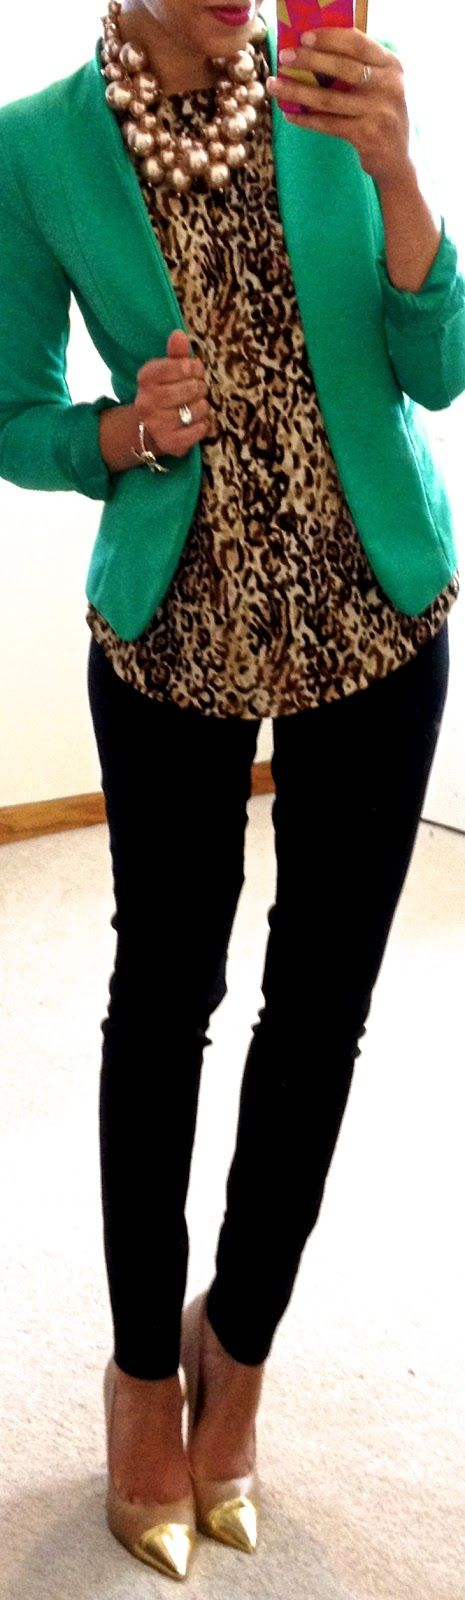 groen jasje, blouse met print en een zwarte skinny jeans.